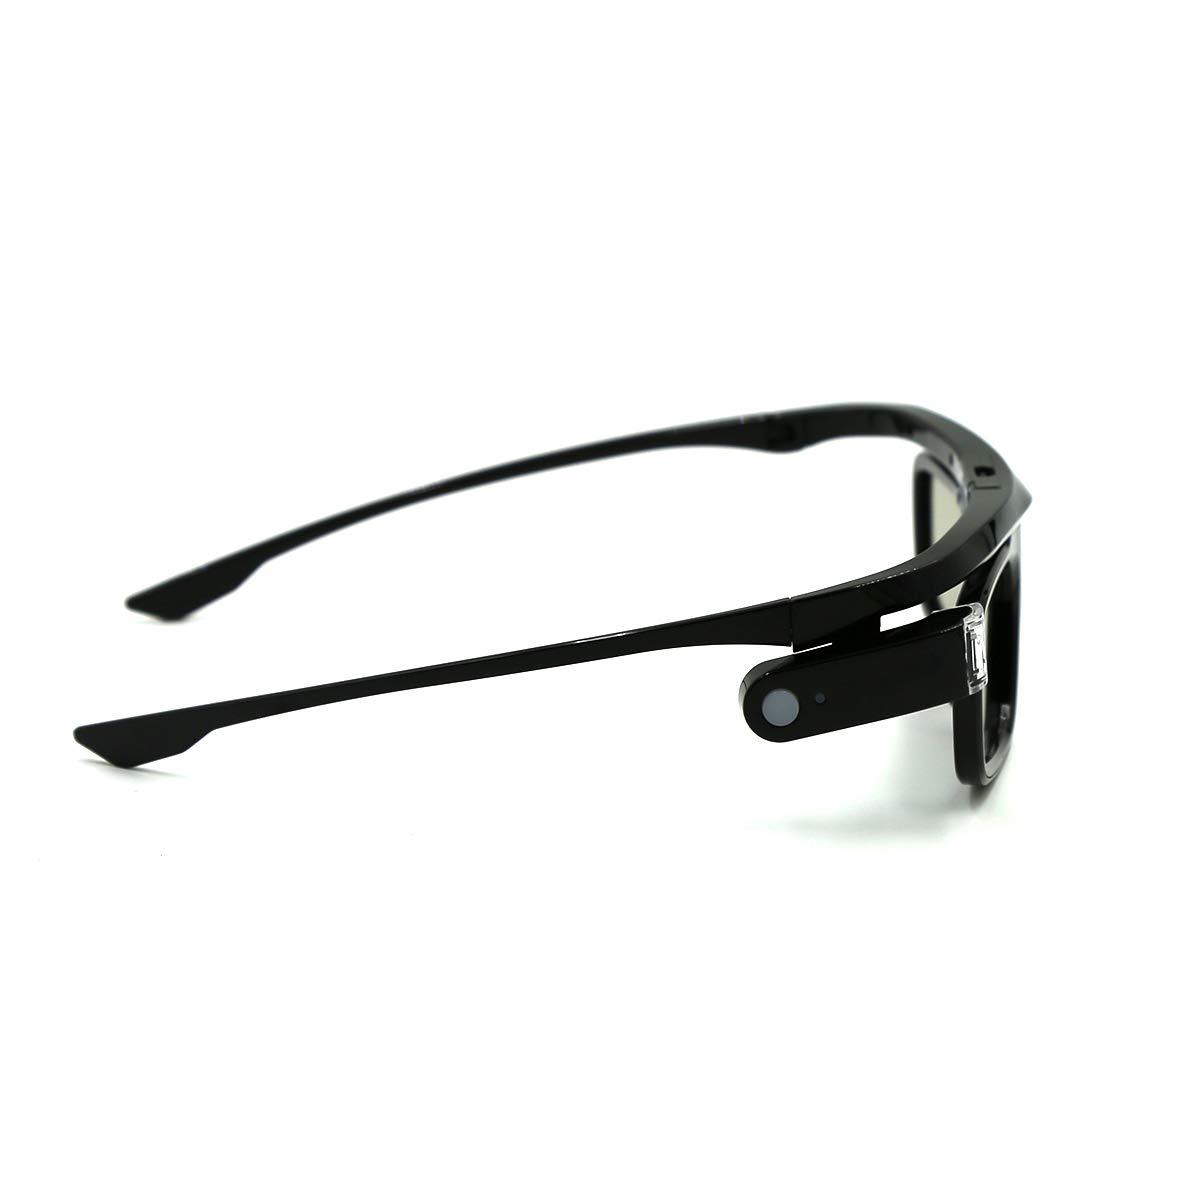 Active Shutter Rechargeable Eyewear for 3D DLP-Link Projectors Acer BenQ Optoma Viewsonic Philips LG Infocus NEC Jmgo Vivitek Cocar Toumei 3D Glasses Pack of 1